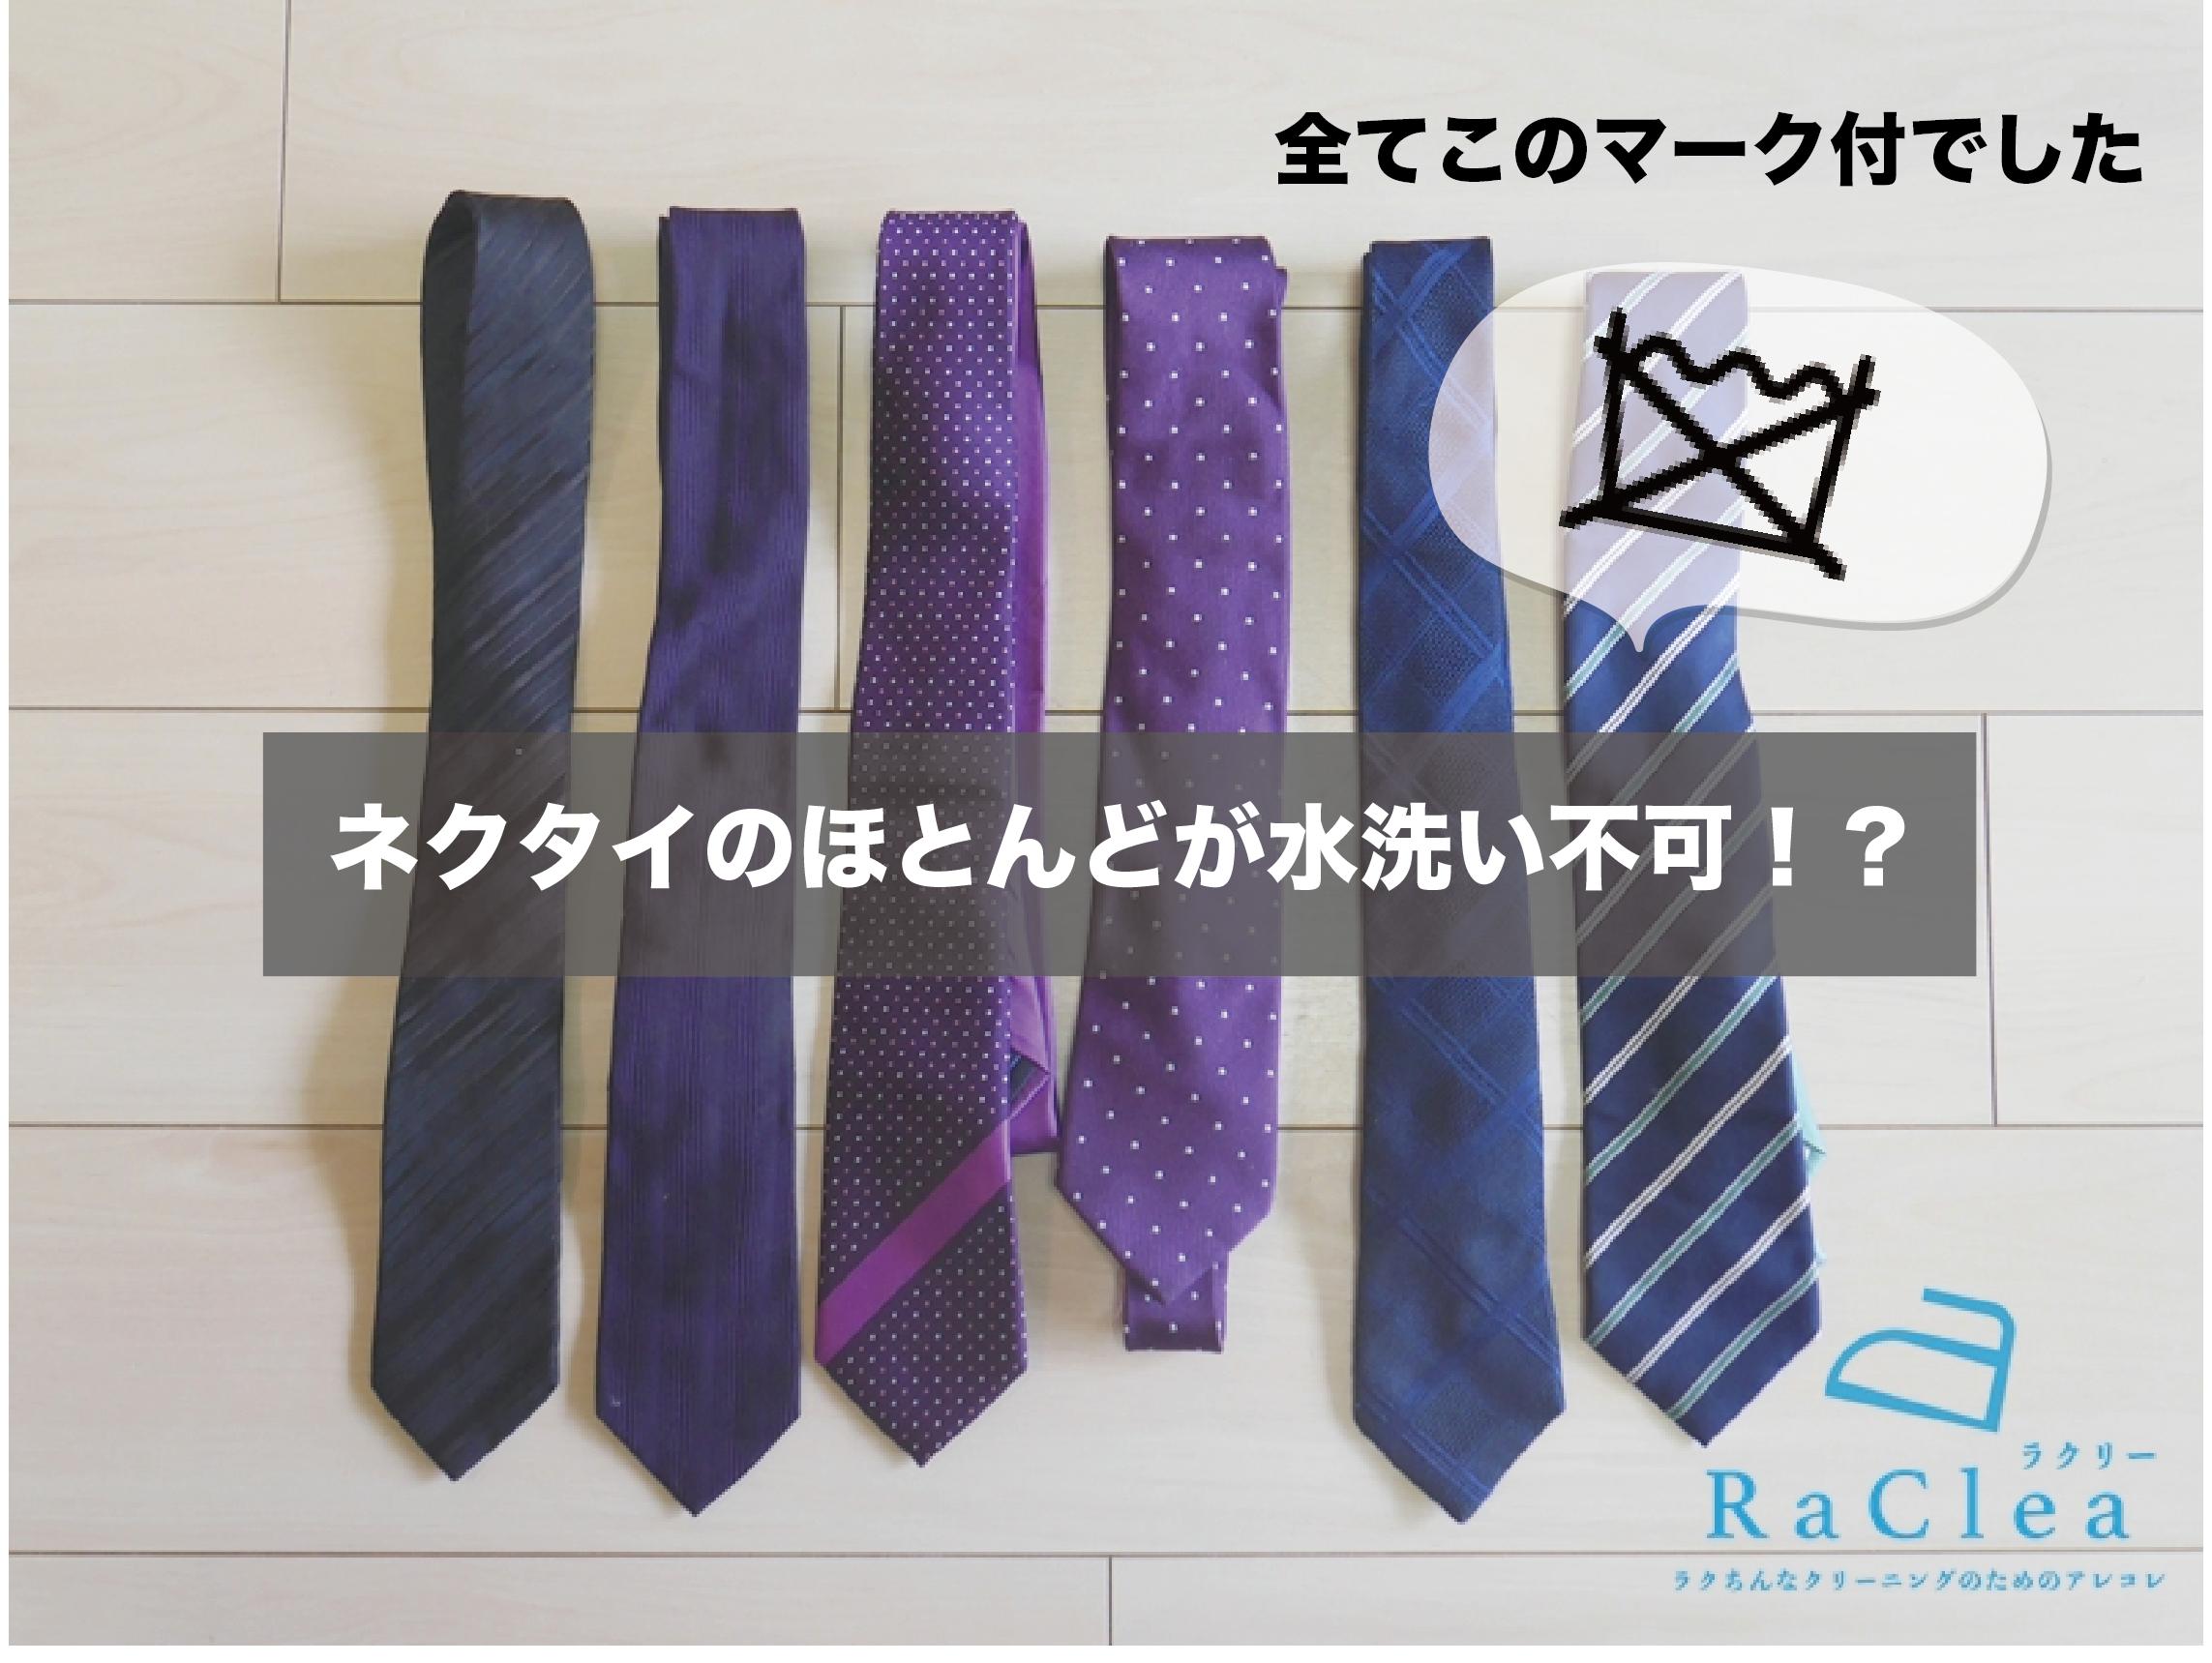 ネクタイの洗濯表示について